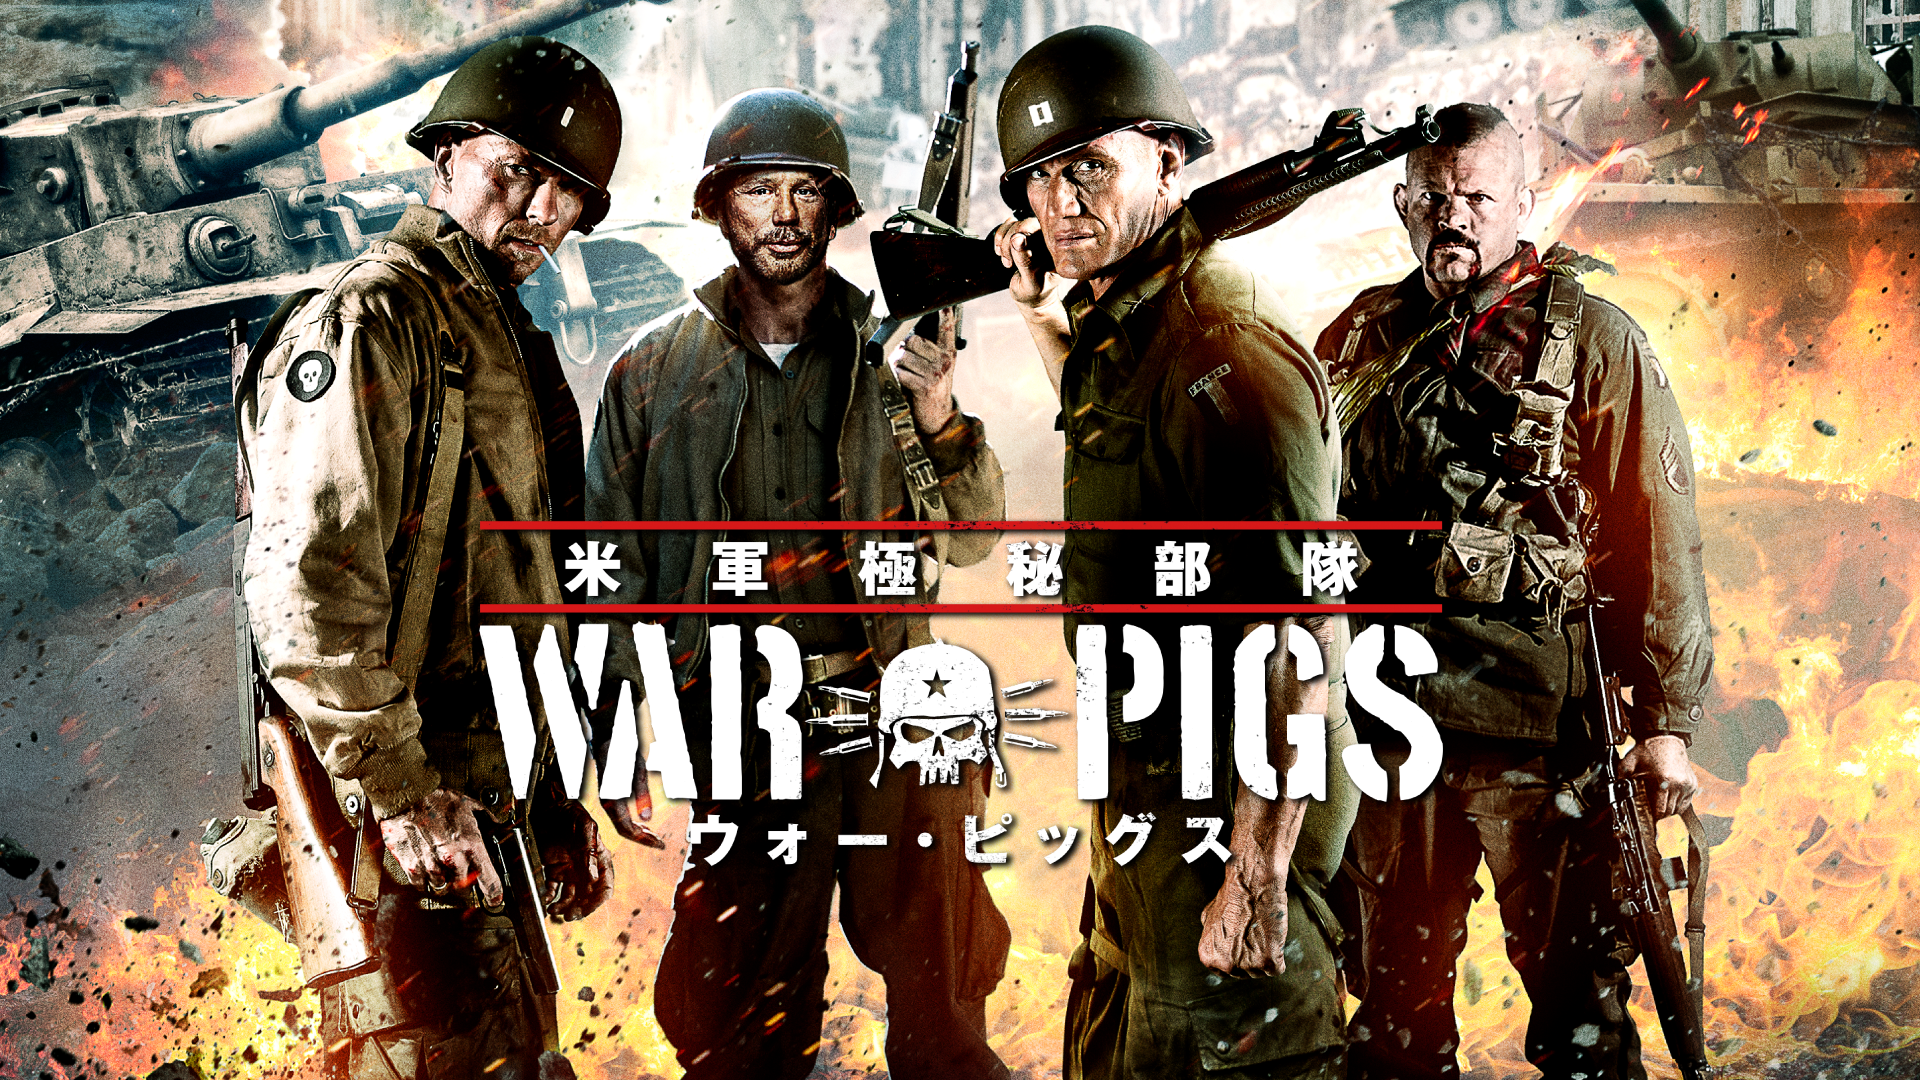 米軍極秘部隊 ウォー・ピッグス(字幕版)